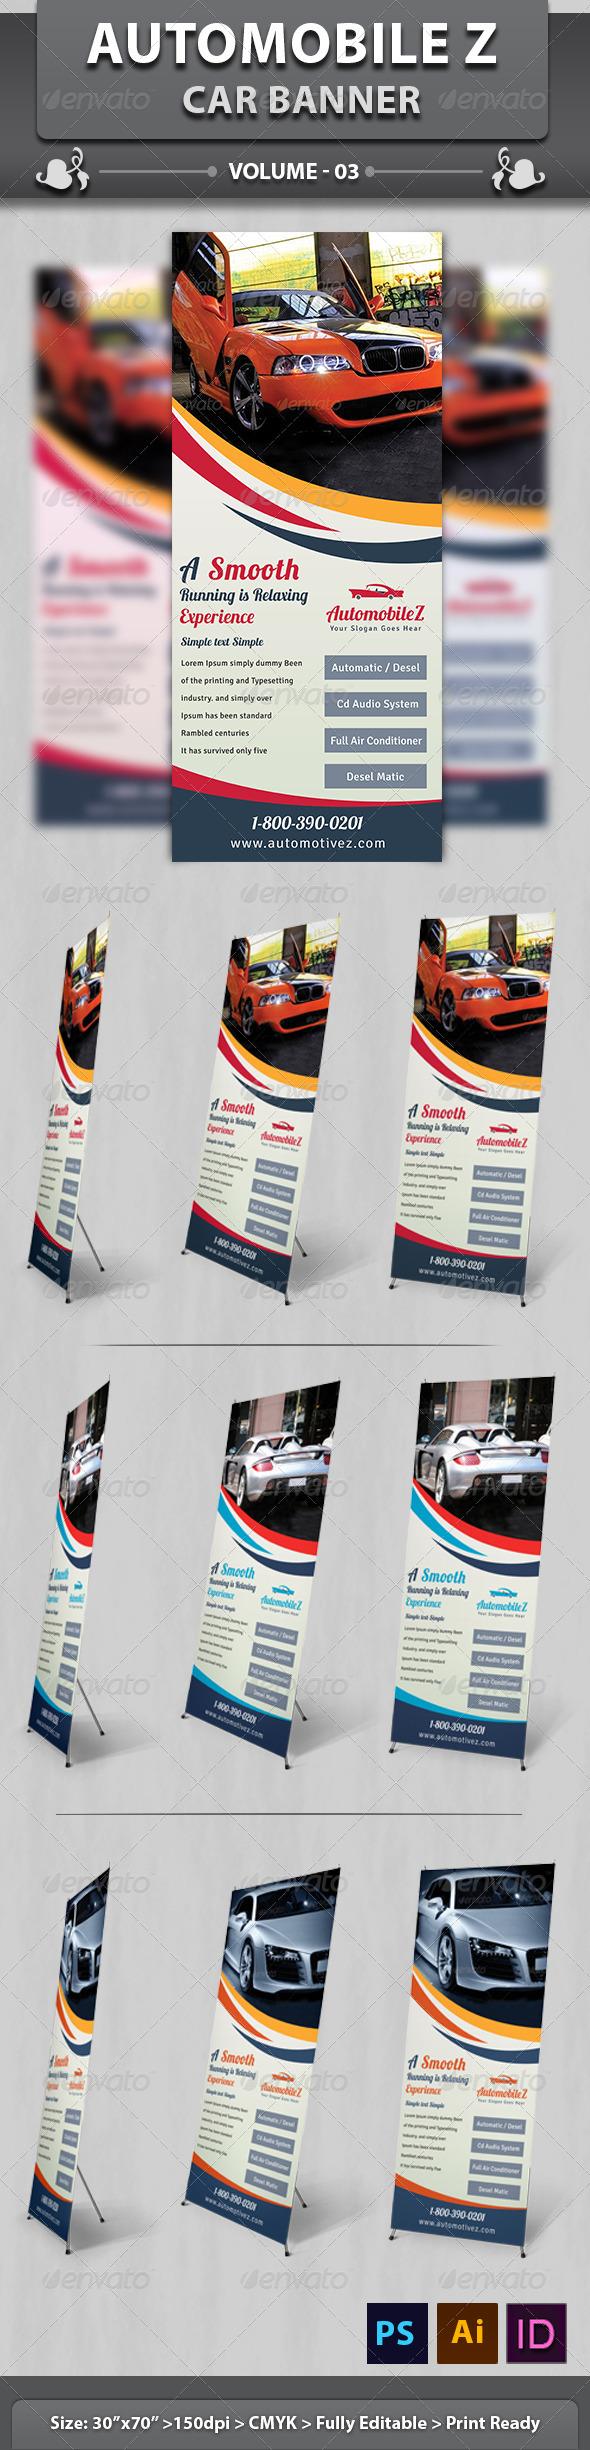 GraphicRiver AutoMobileZ Car Banner v3 6421735